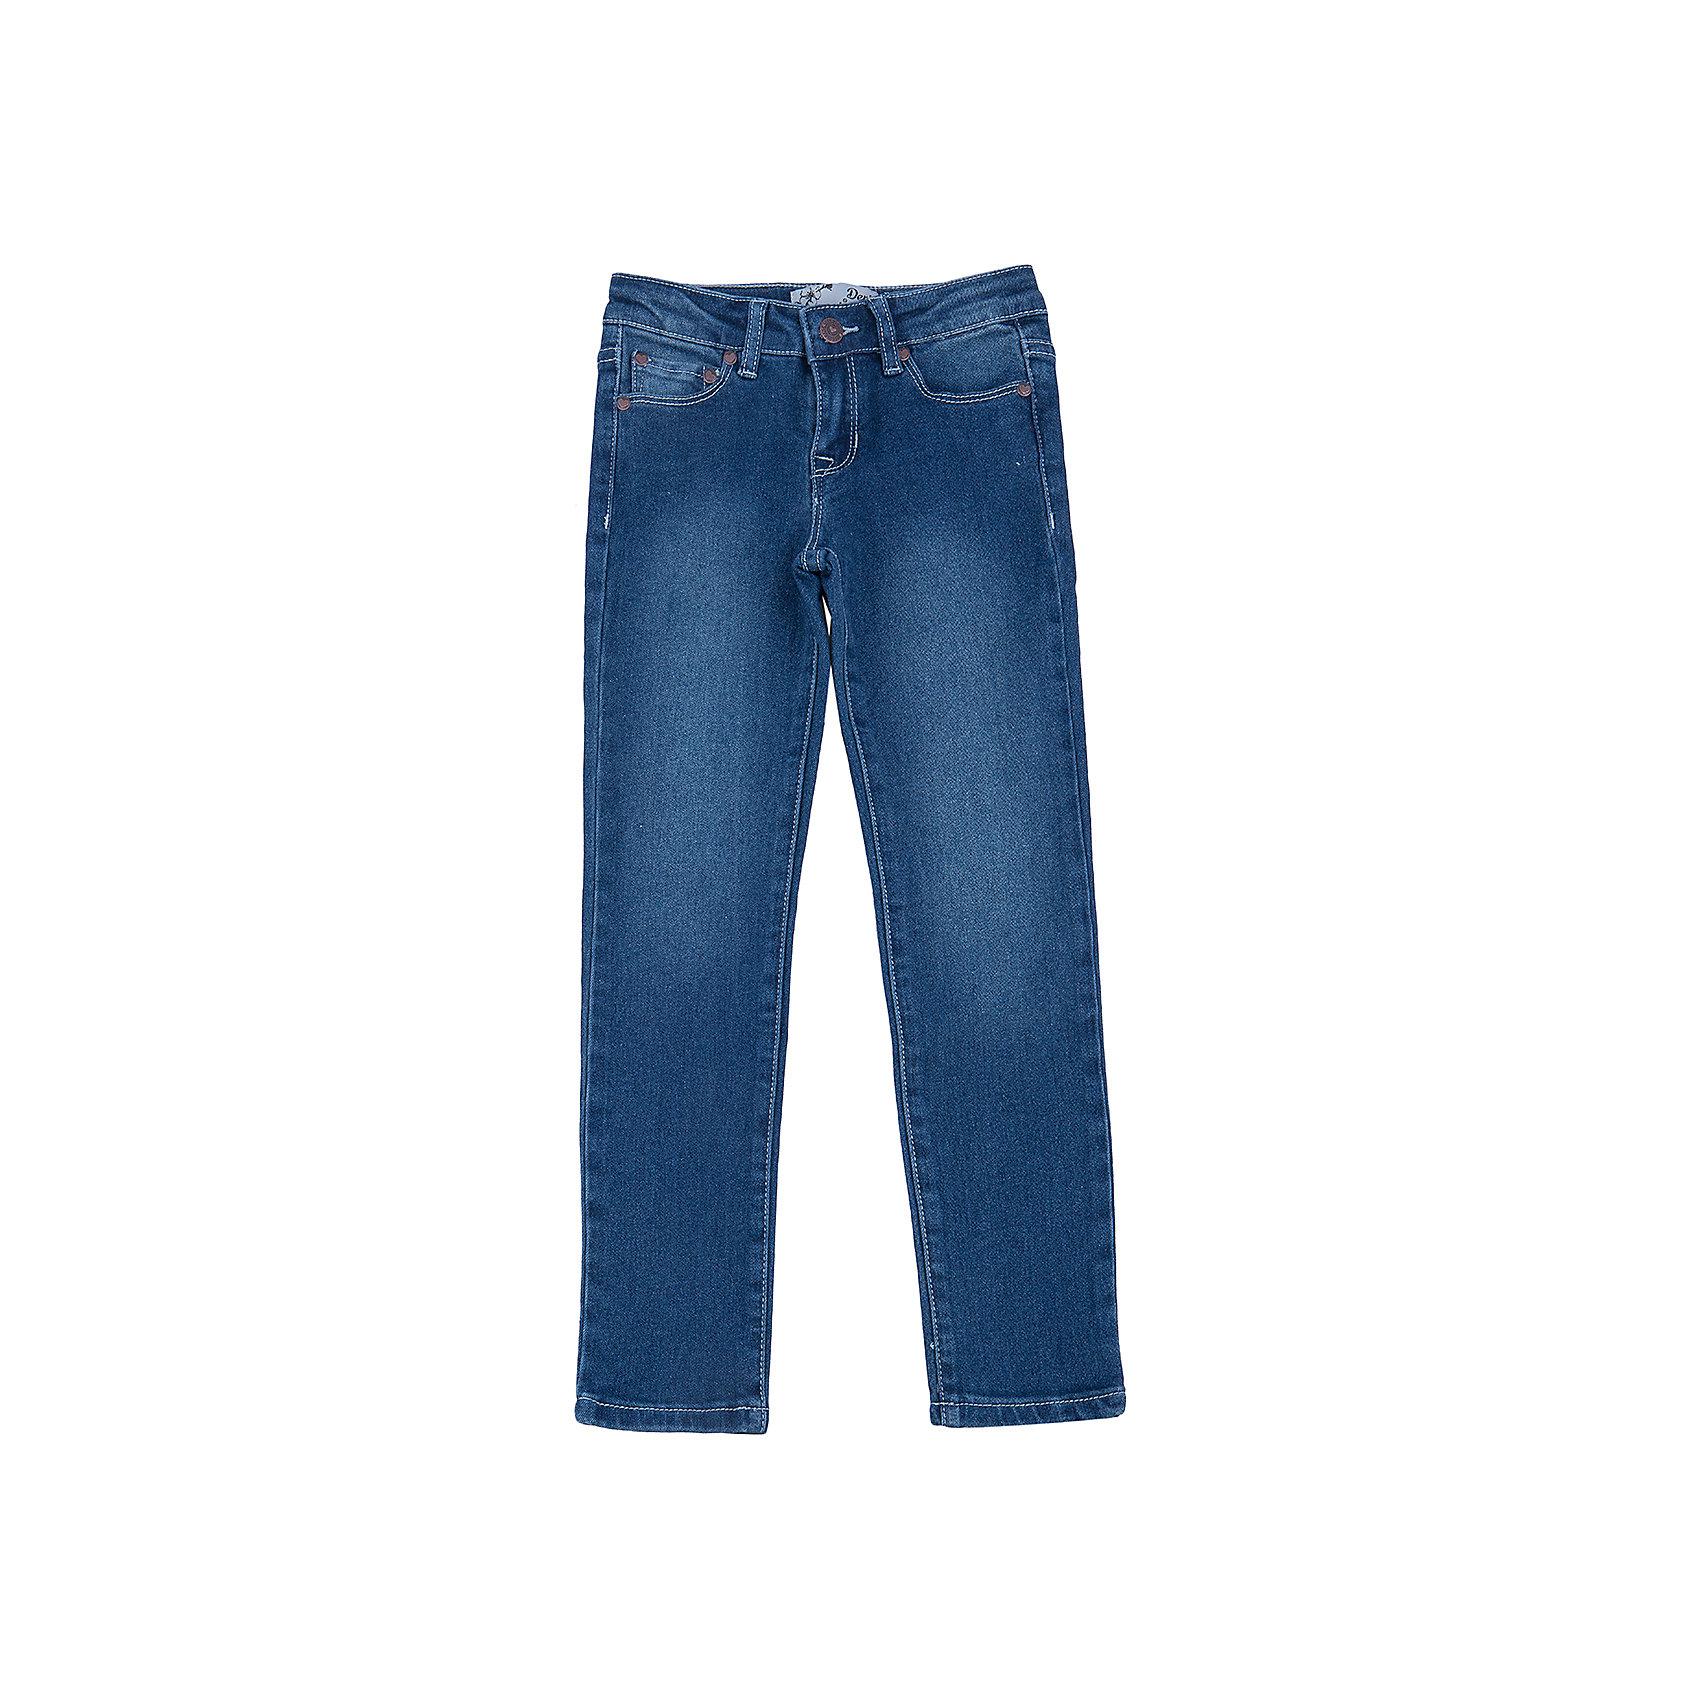 Джинсы для девочки SELAДжинсовая одежда<br>Классические джинсы - незаменимая вещь в детском гардеробе. Эта модель отлично сидит на ребенке, она сшита из плотного материала, натуральный хлопок не вызывает аллергии и обеспечивает ребенку комфорт. Модель станет отличной базовой вещью, которая будет уместна в различных сочетаниях.<br>Одежда от бренда Sela (Села) - это качество по приемлемым ценам. Многие российские родители уже оценили преимущества продукции этой компании и всё чаще приобретают одежду и аксессуары Sela.<br><br>Дополнительная информация:<br><br>цвет: синий;<br>материал: 65% хлопок, 33% ПЭ, 2% эластан;<br>плотный материал;<br>классический силуэт.<br><br>Джинсы для девочки от бренда Sela можно купить в нашем интернет-магазине.<br><br>Ширина мм: 215<br>Глубина мм: 88<br>Высота мм: 191<br>Вес г: 336<br>Цвет: голубой<br>Возраст от месяцев: 84<br>Возраст до месяцев: 96<br>Пол: Женский<br>Возраст: Детский<br>Размер: 128,122,134,140,146,152,116<br>SKU: 4944030